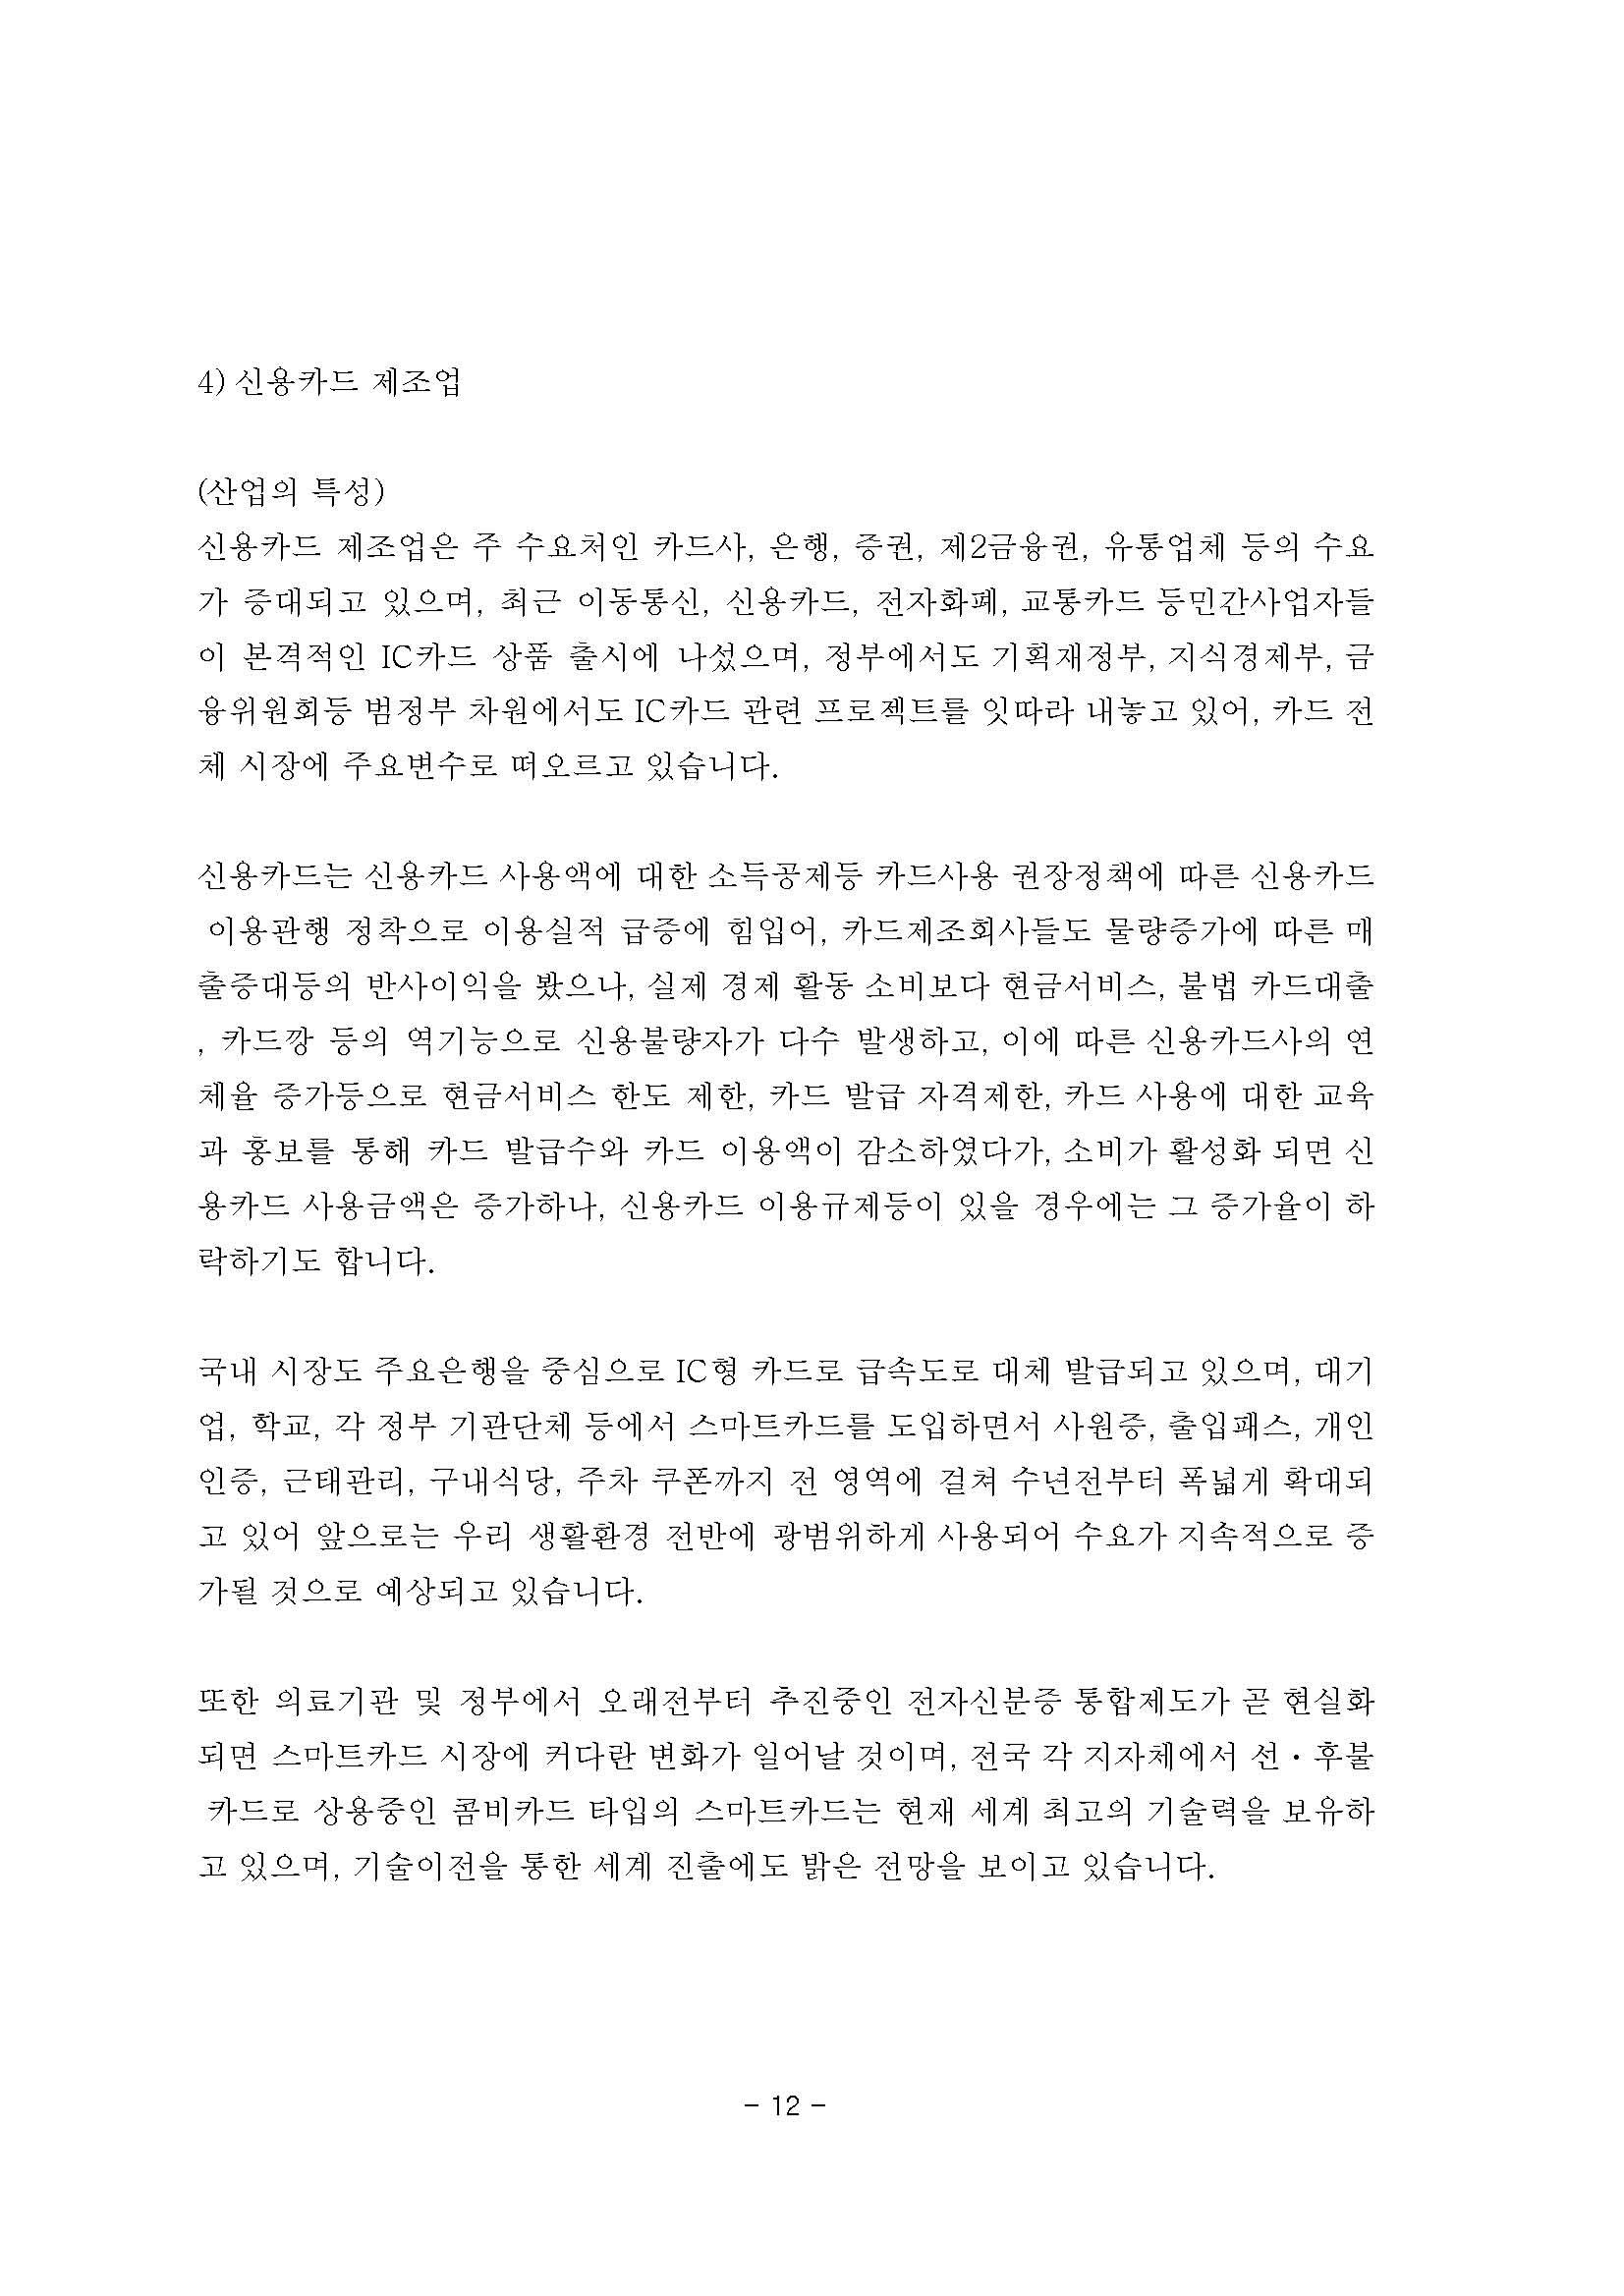 20160311 주주총회 소집공고-옴니시스템_페이지_13.jpg